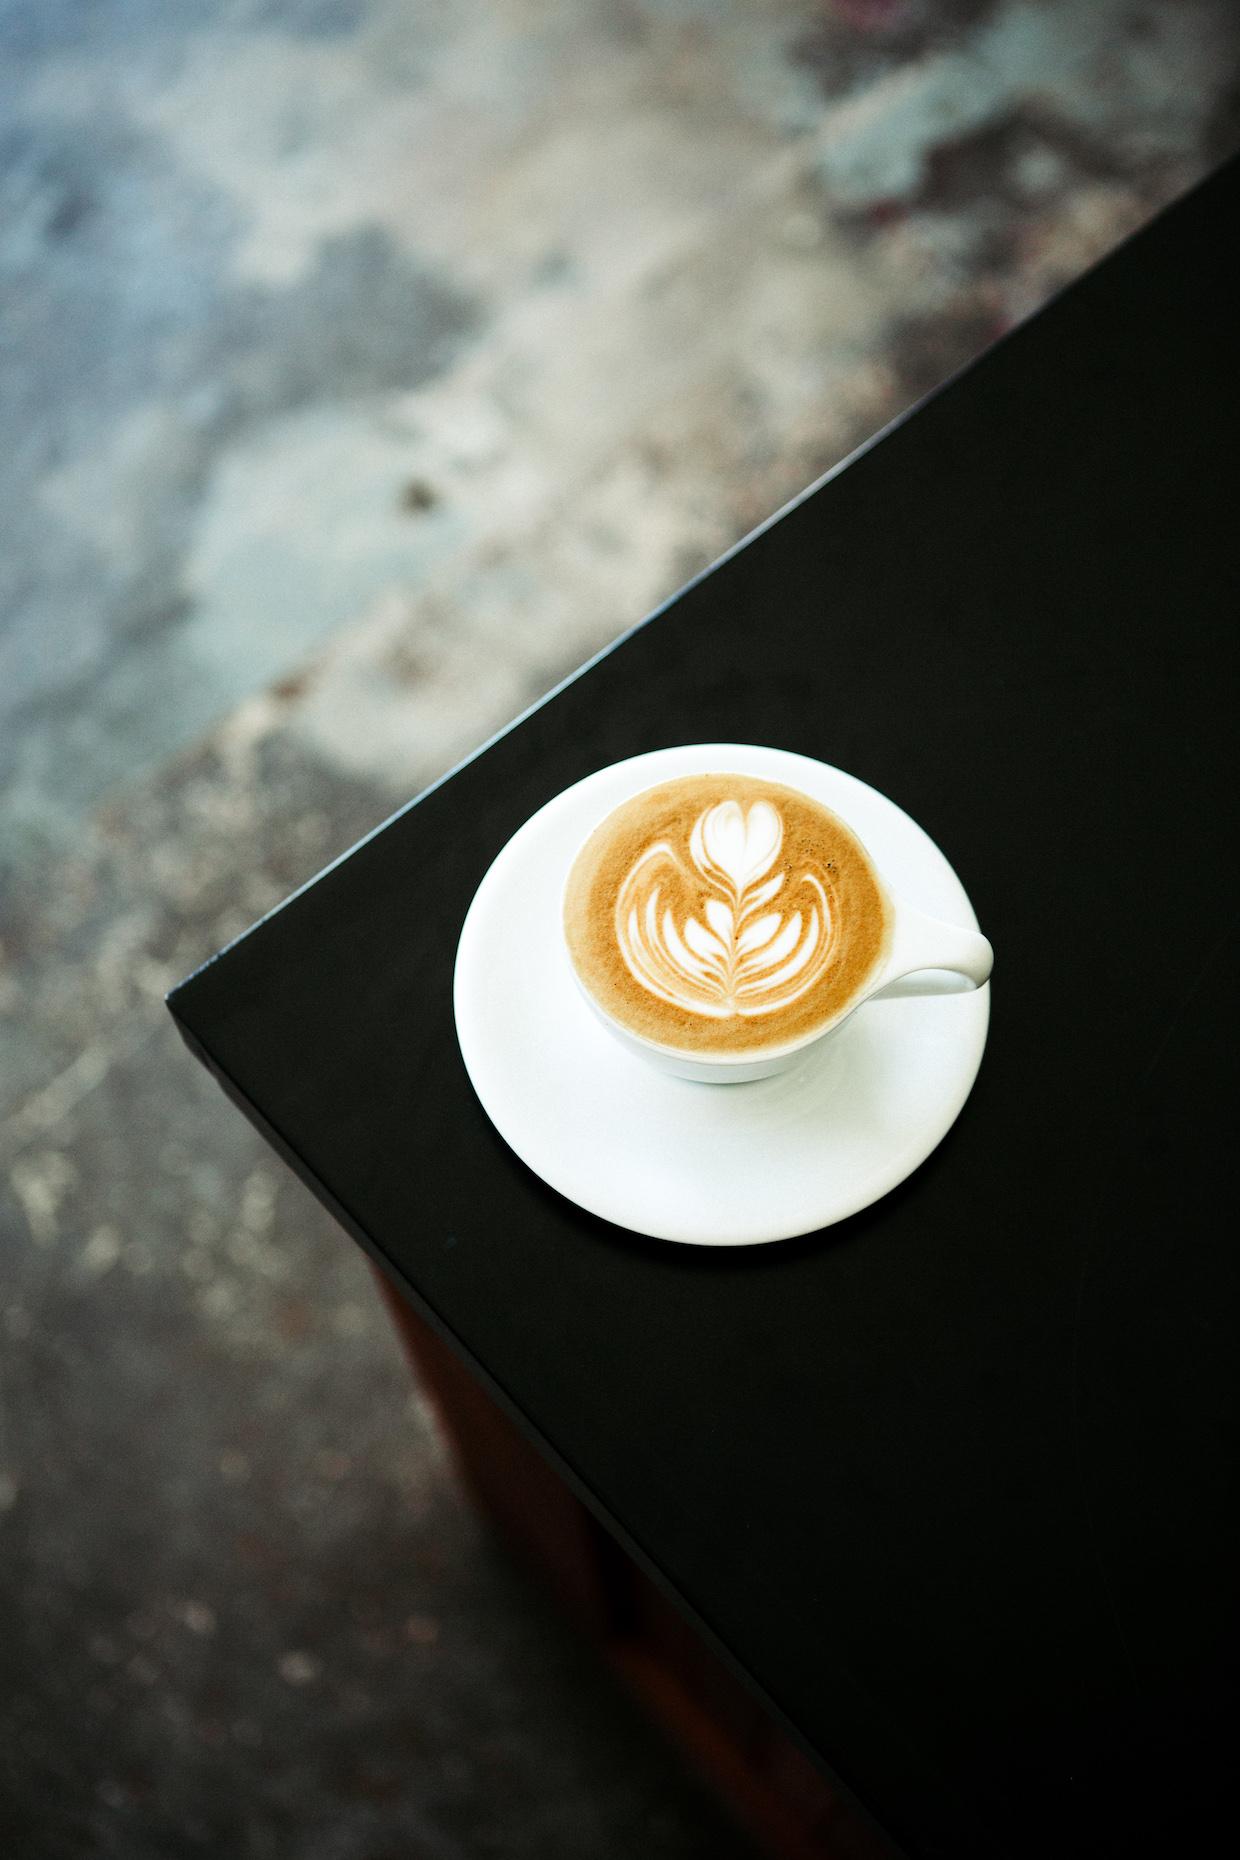 """Horizon Line Coffee Des Moines """"width ="""" 1240 """"height ="""" 1860 """"/> </p> <p> Passant à travers l'intérieur blanc brillant avec des accents de bois chauds et un mobilier minimaliste, les clients sont traités à la maison de HLC Les origines simples extraites dans les céramiques non neutres sur le groupe blanc La Marzocco Linea du magasin, un Craigslist, trouvent que Penna et Ho sont mis au courant avec un peu de TLC. </p> <p> Une paire de broyeurs Mahlkonig K30 et Un EK43 croque les produits pour expresso et brew respectivement, dont le dernier est réalisé sur une machine de traitement Fetco XTS ou dans une variété de méthodes manuelles qui comprend le goutteur de montagne de Kurasu, qui est un brasseur qui a lancé lui-même quelques années seulement </p> </p> <p> <img data-attachment-id="""